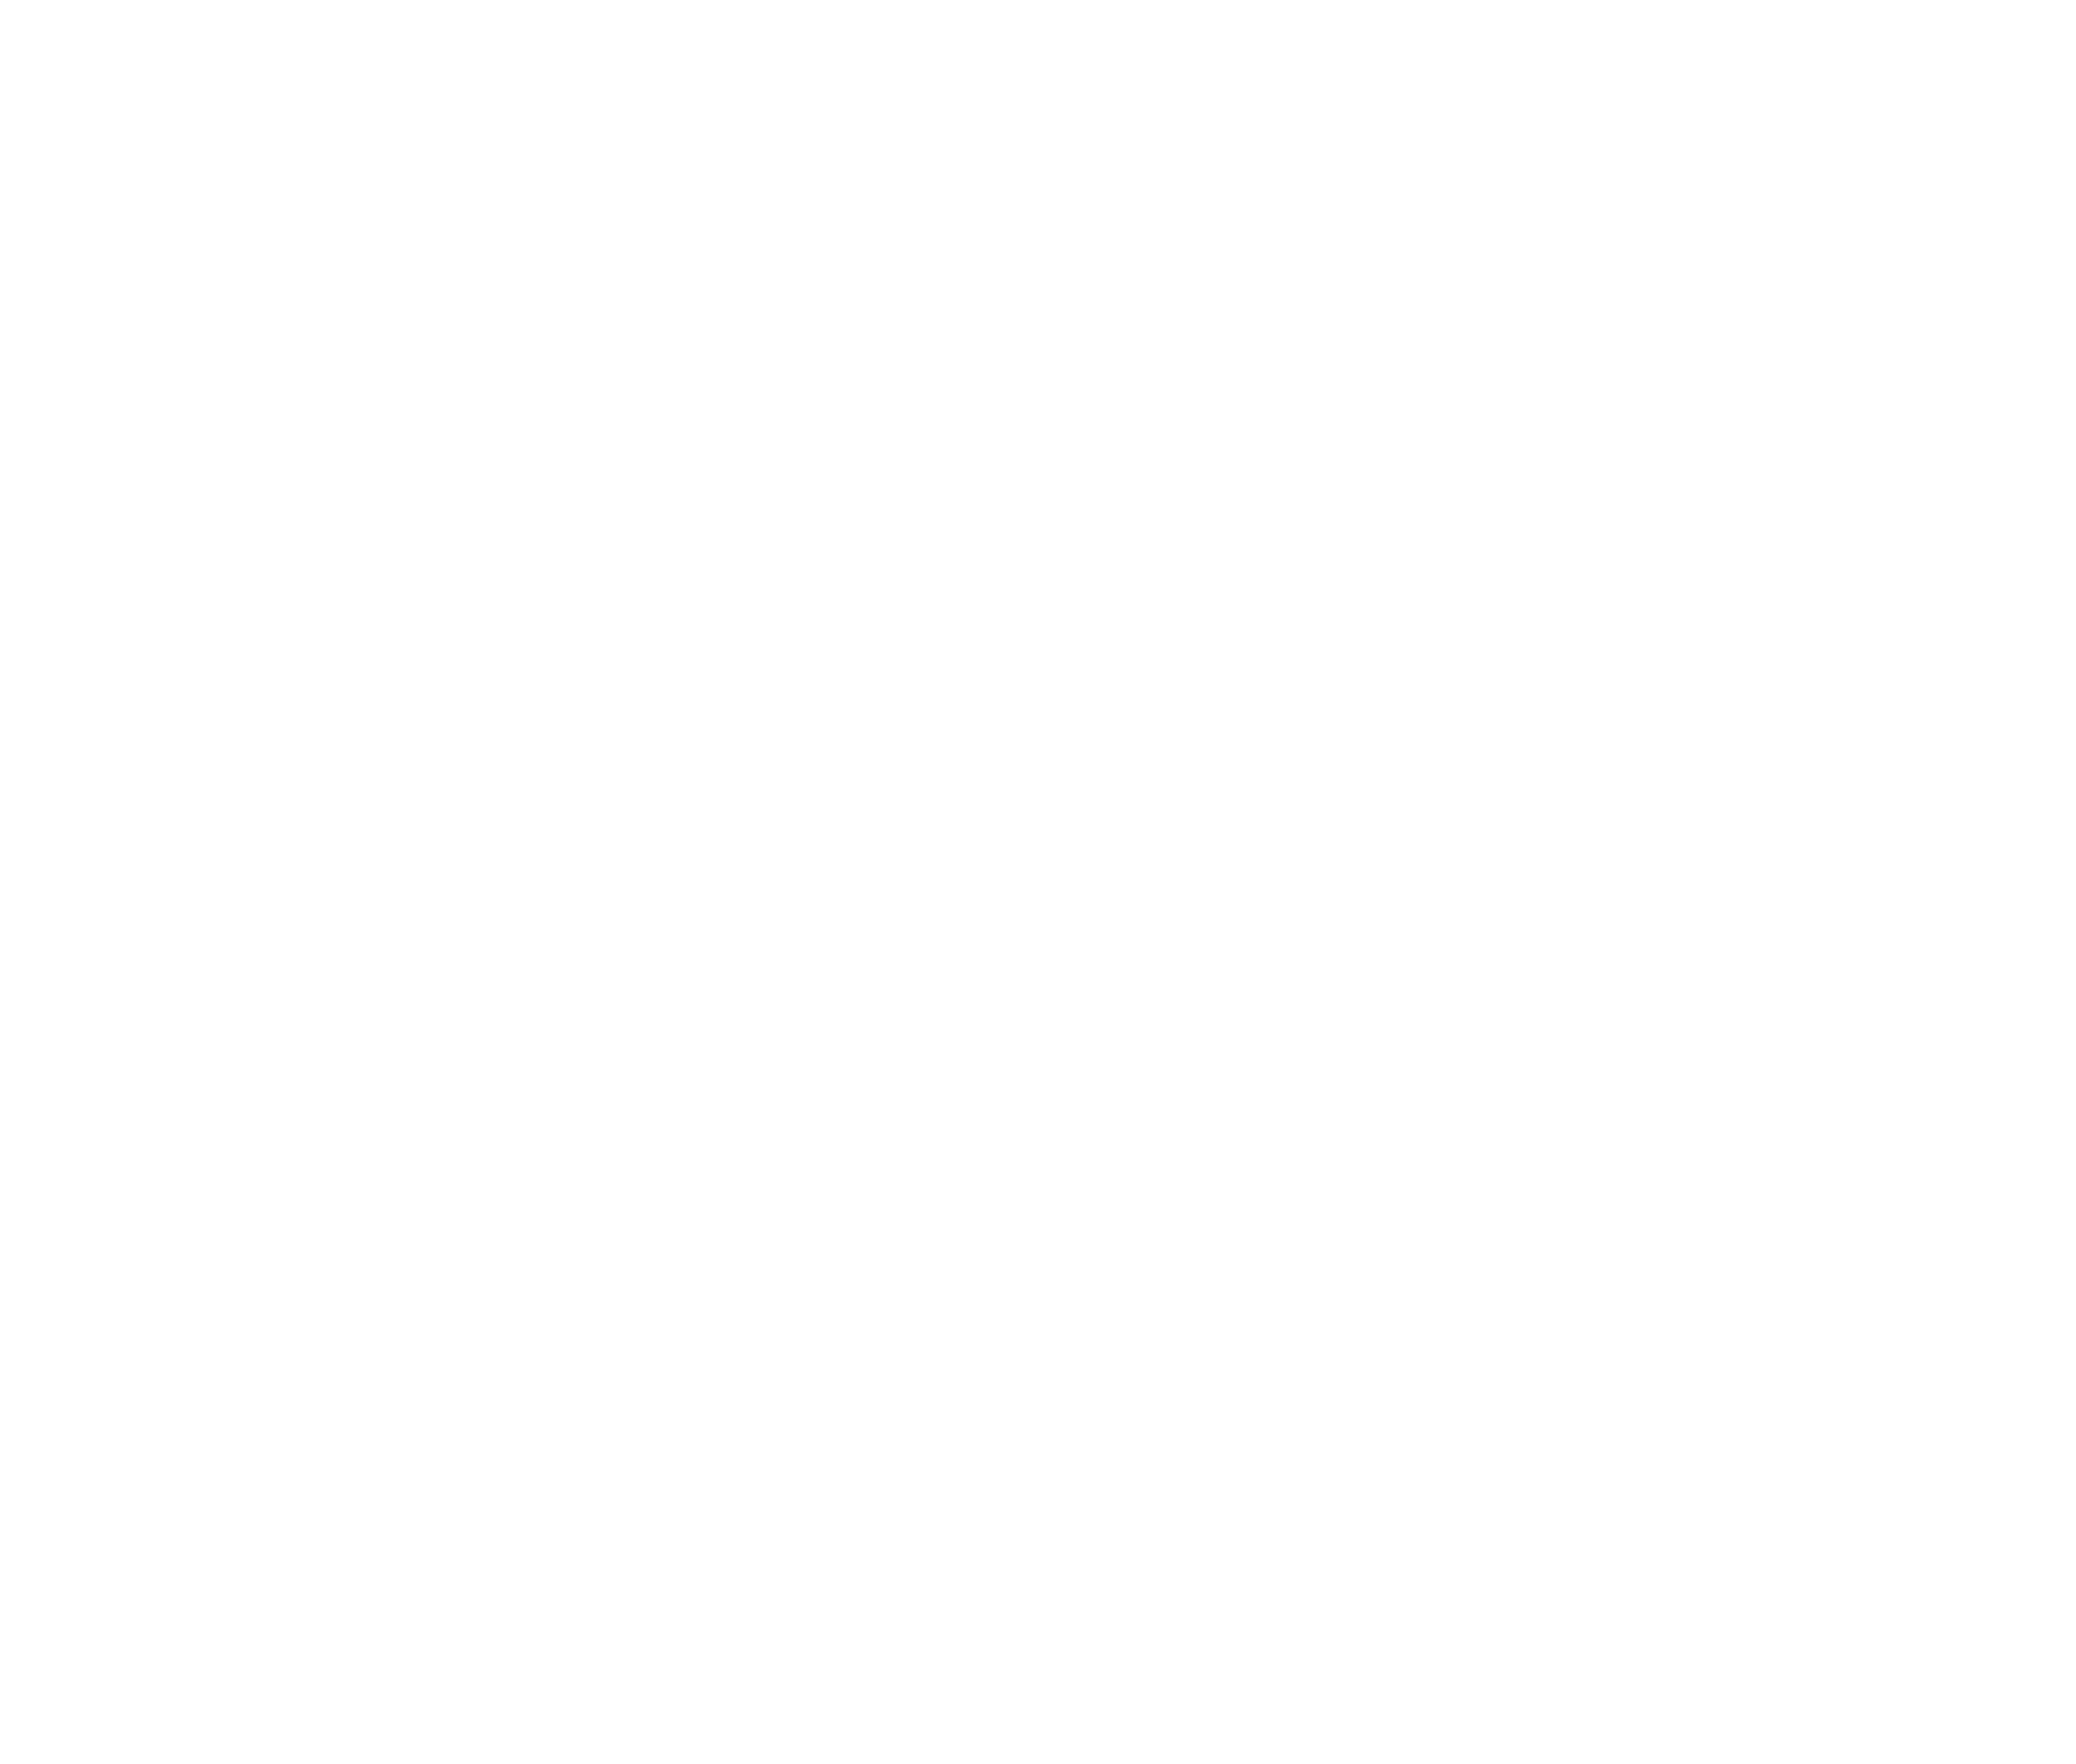 E9 Logo